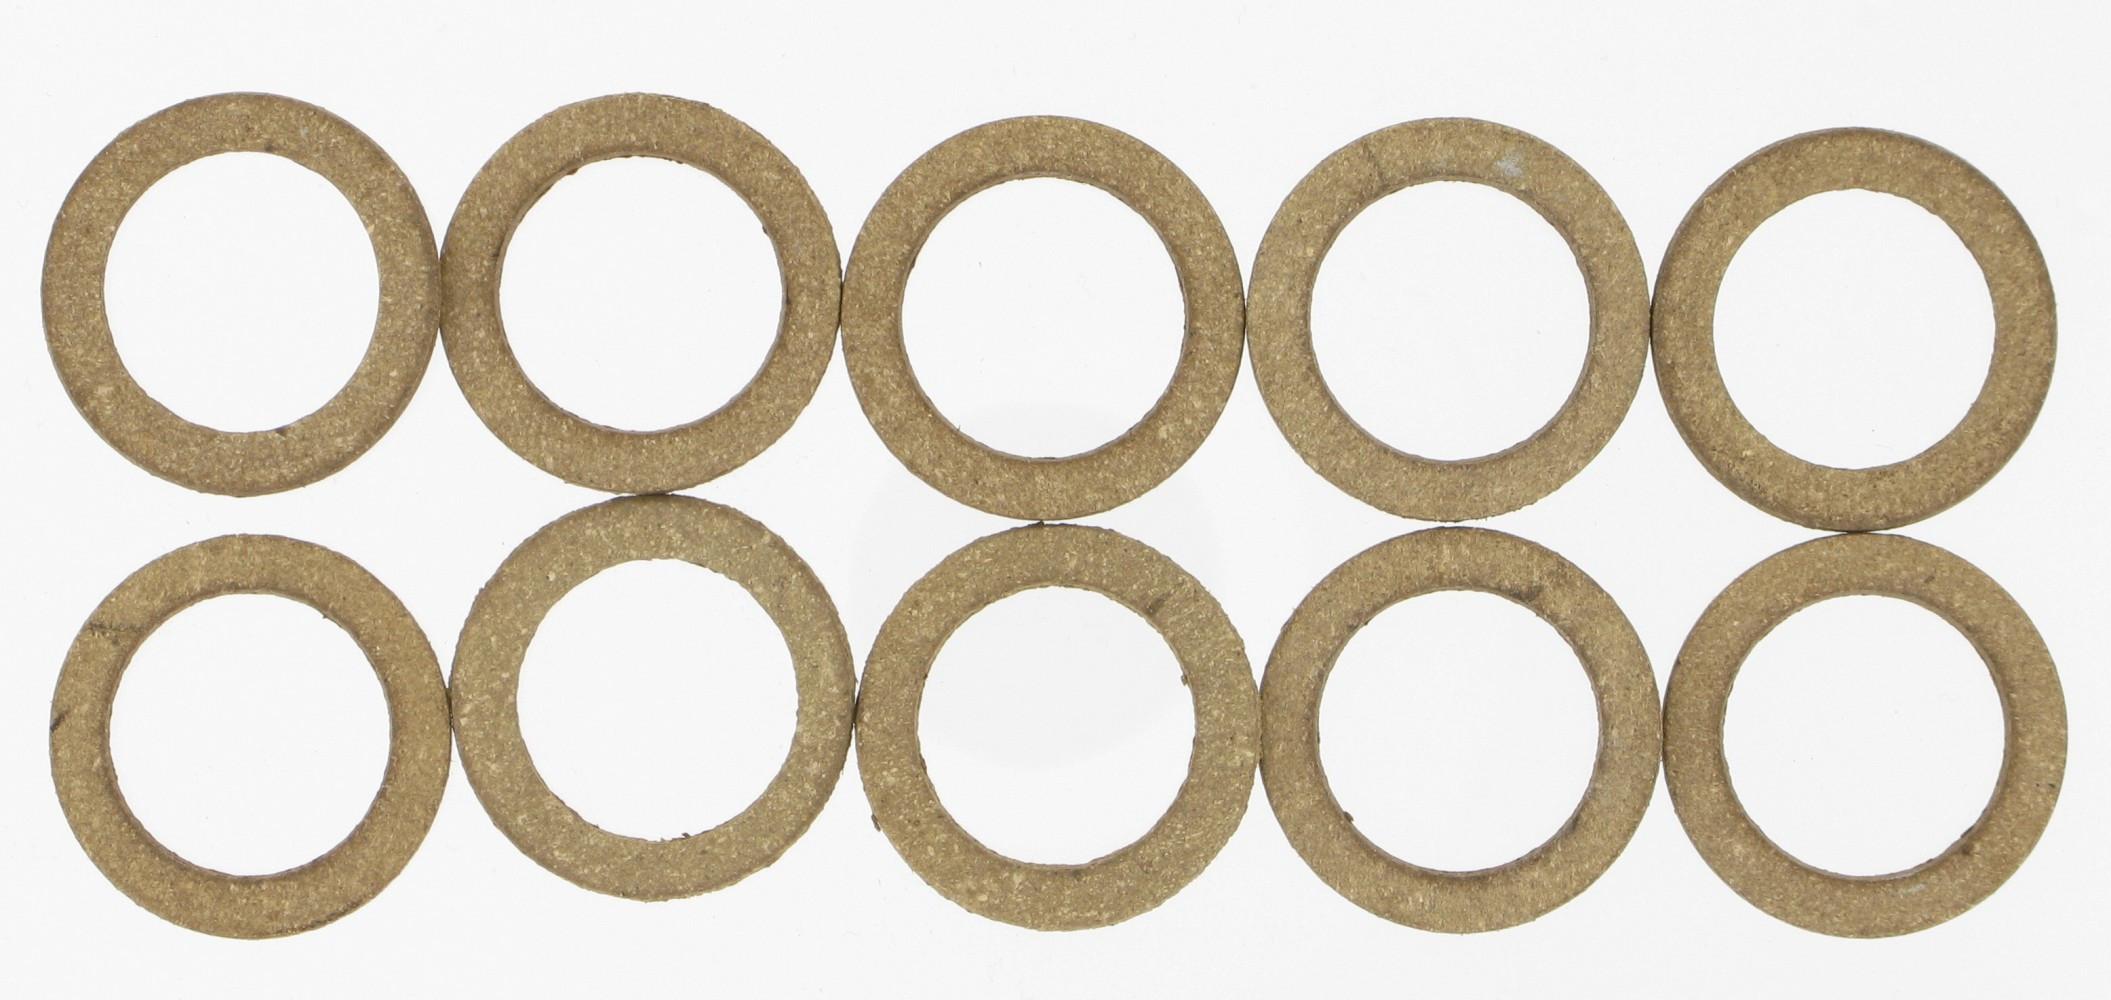 Lot de 10 joints cuir, 15/21 mm COMAP